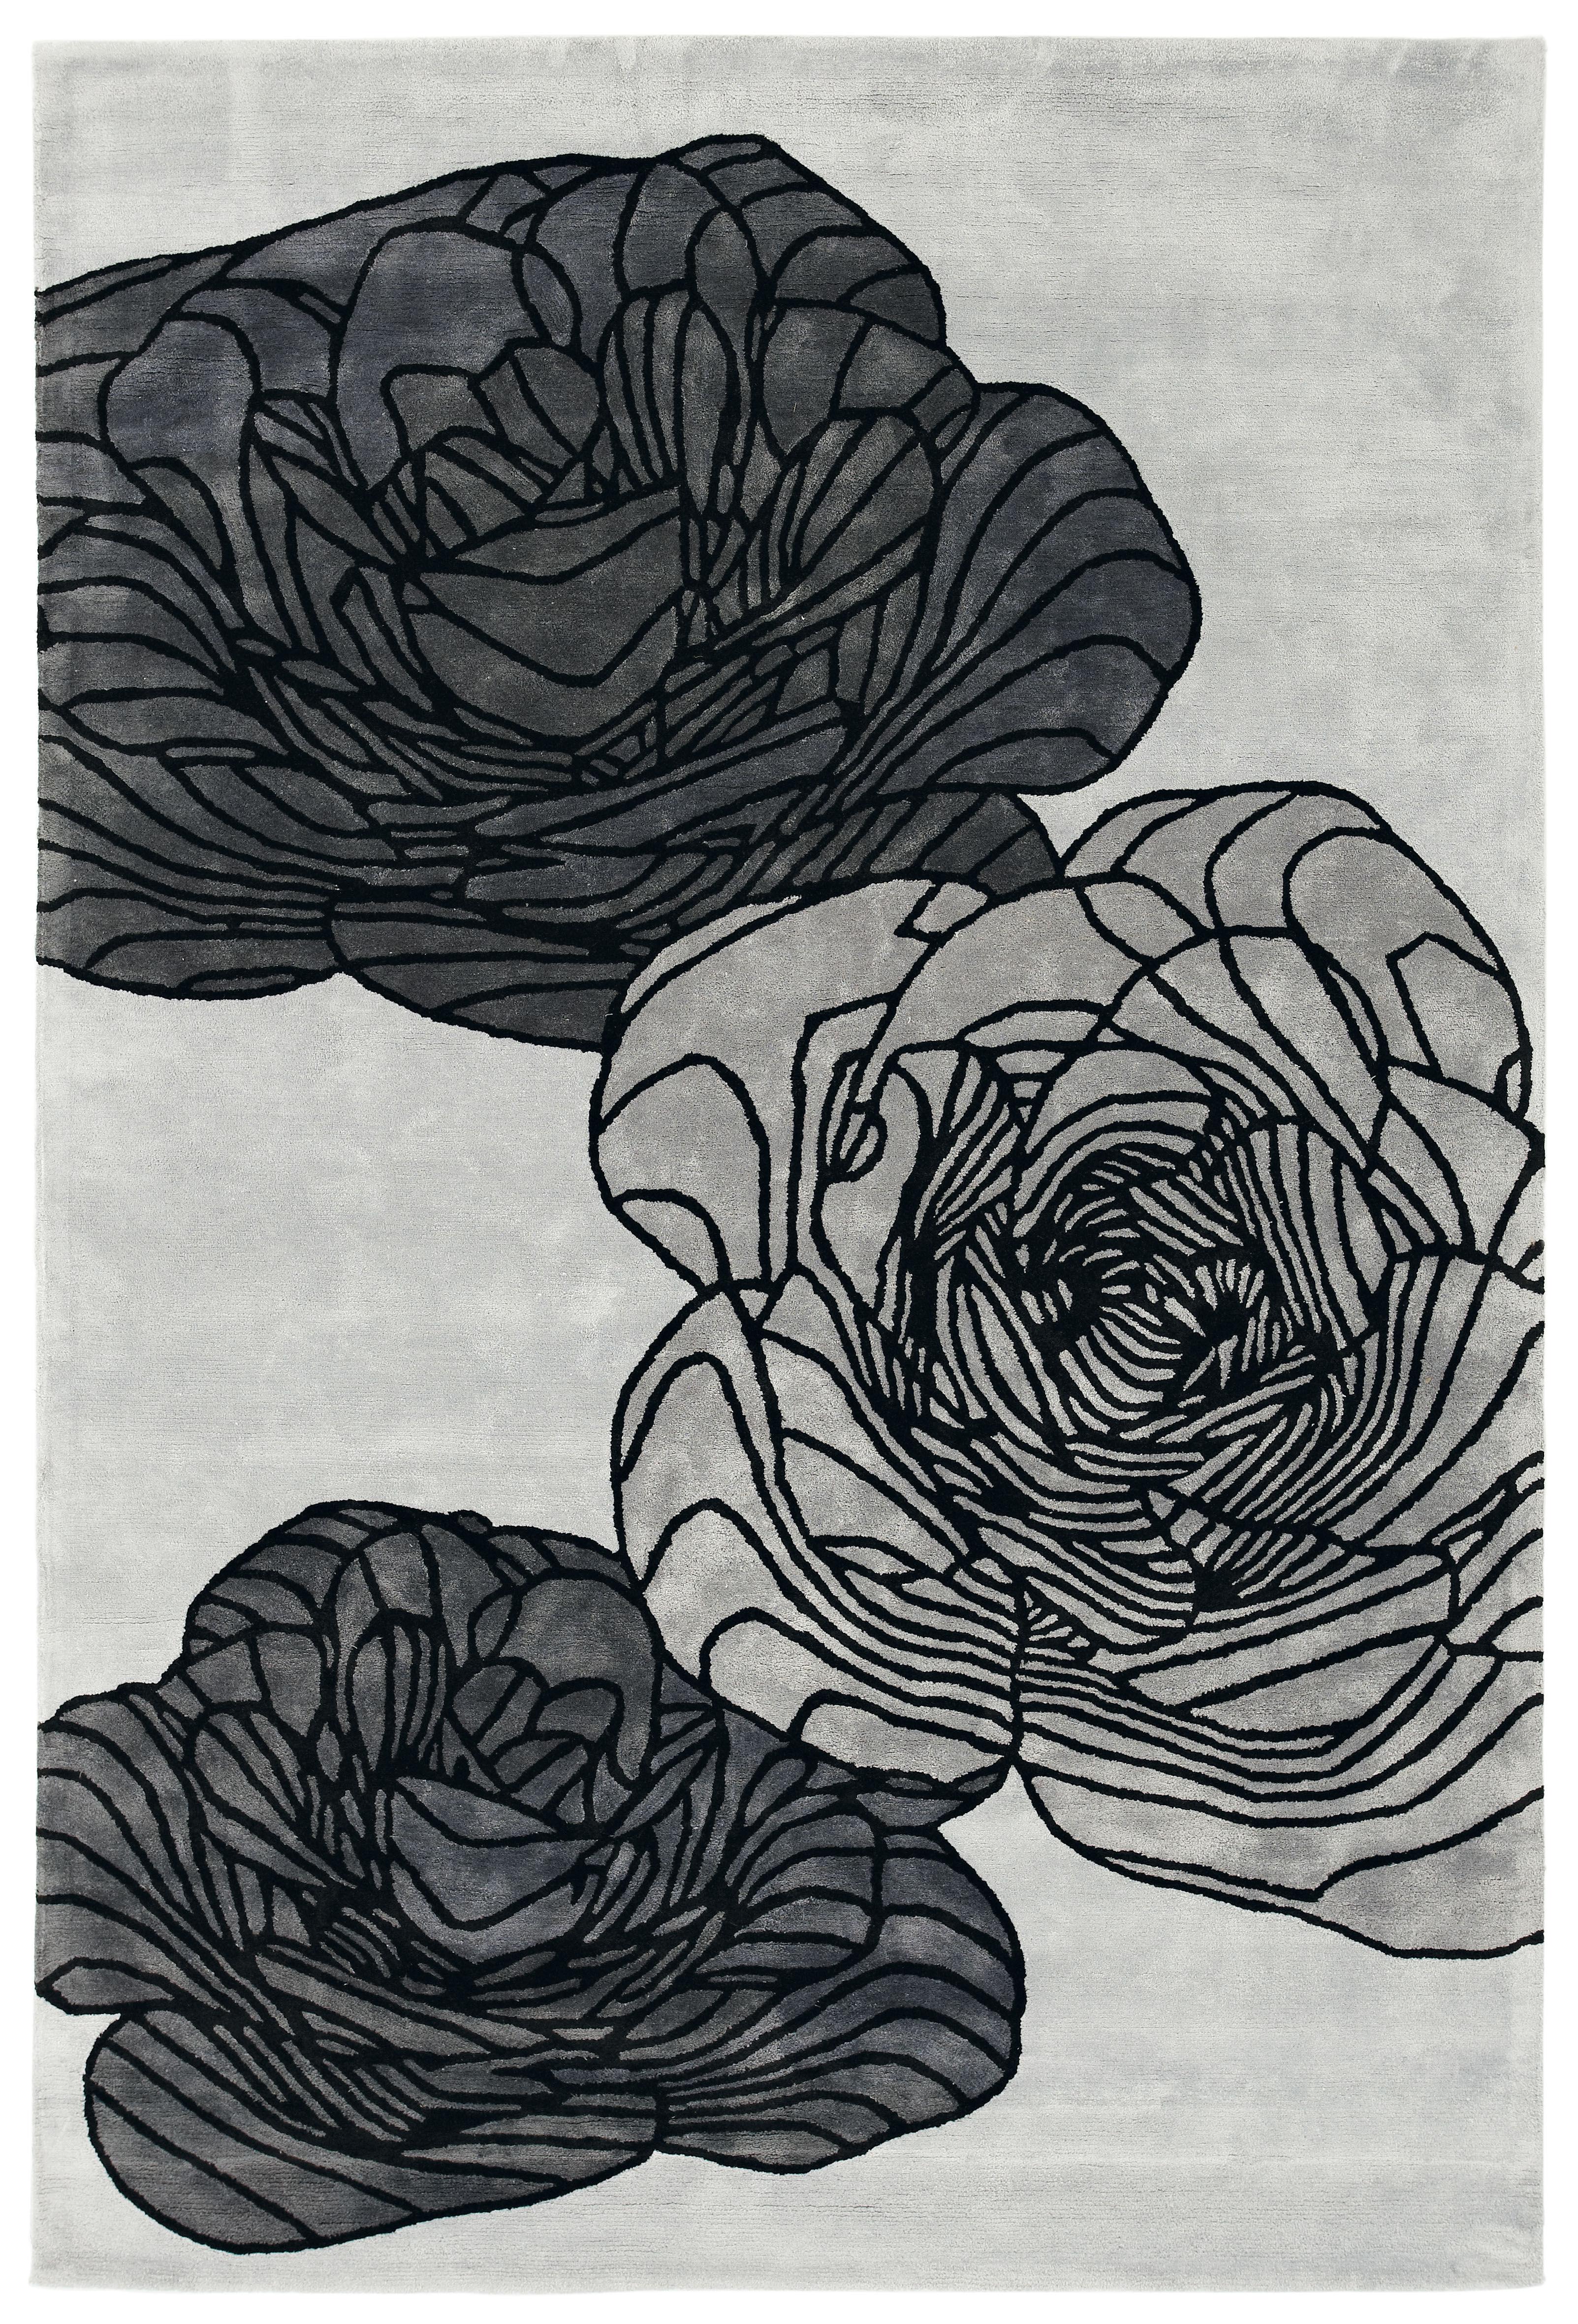 Dekoration - Teppiche - Adam Teppich von Christophe Pillet / 180 x 270 cm - handgeknüpft - Toulemonde Bochart - Silberfarben - Soie végétale